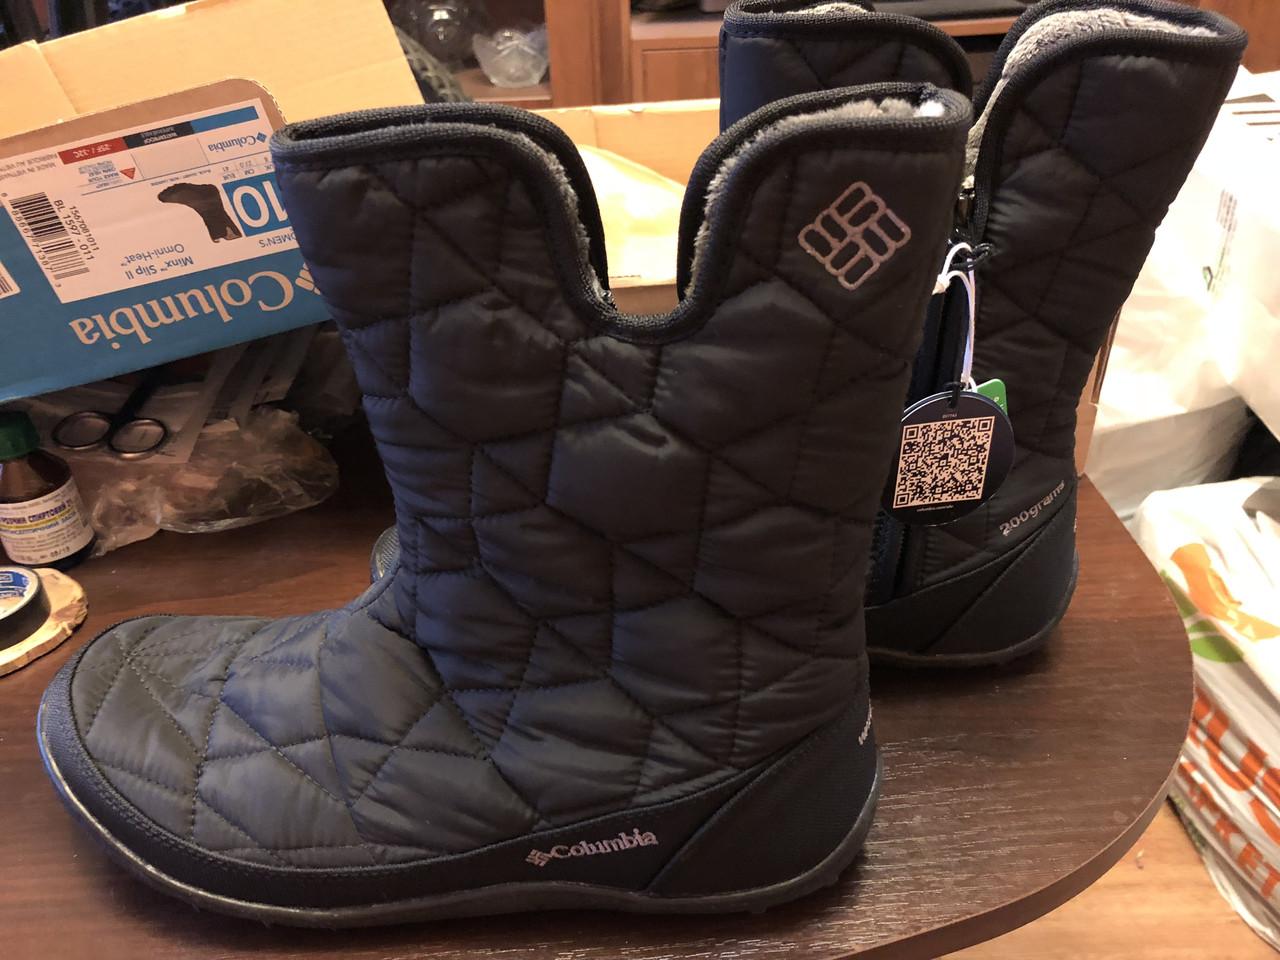 Сапоги Columbia Minx Slip II Omni-Heat женские ботинки зимние - 1000  Интересностей в Каменском 6fb19514b2a